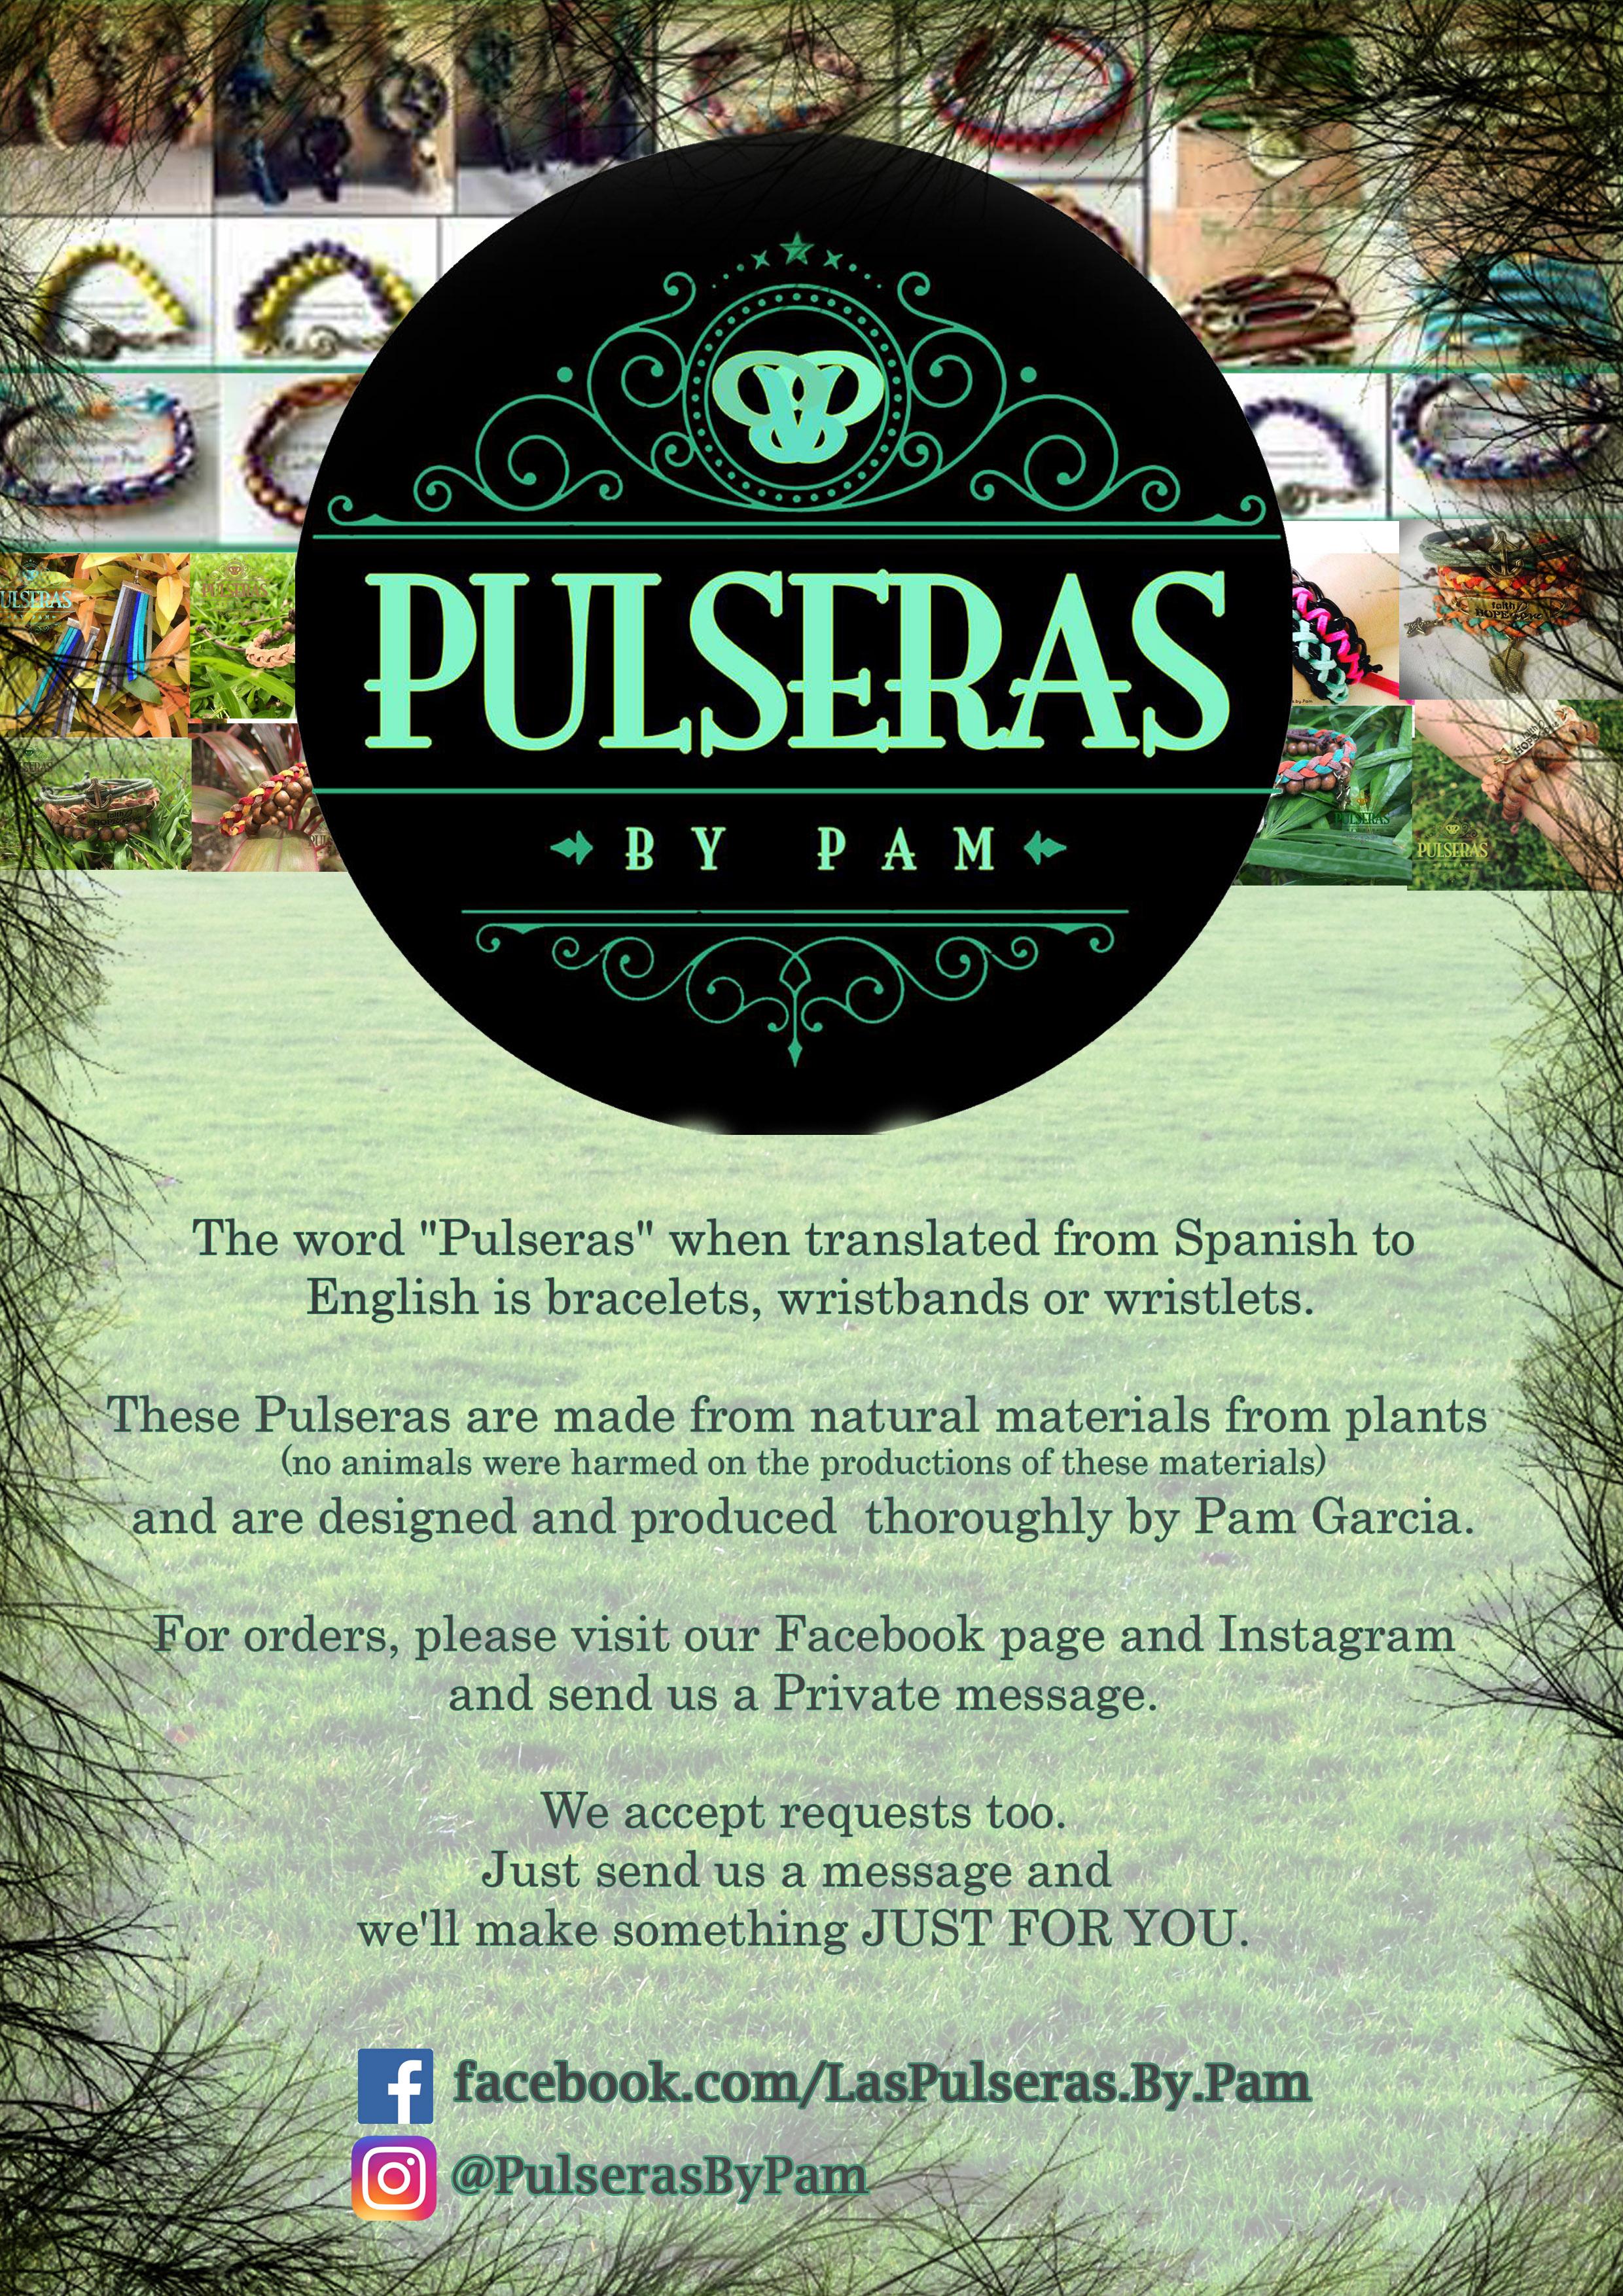 Pulseras Poster for Bazaar